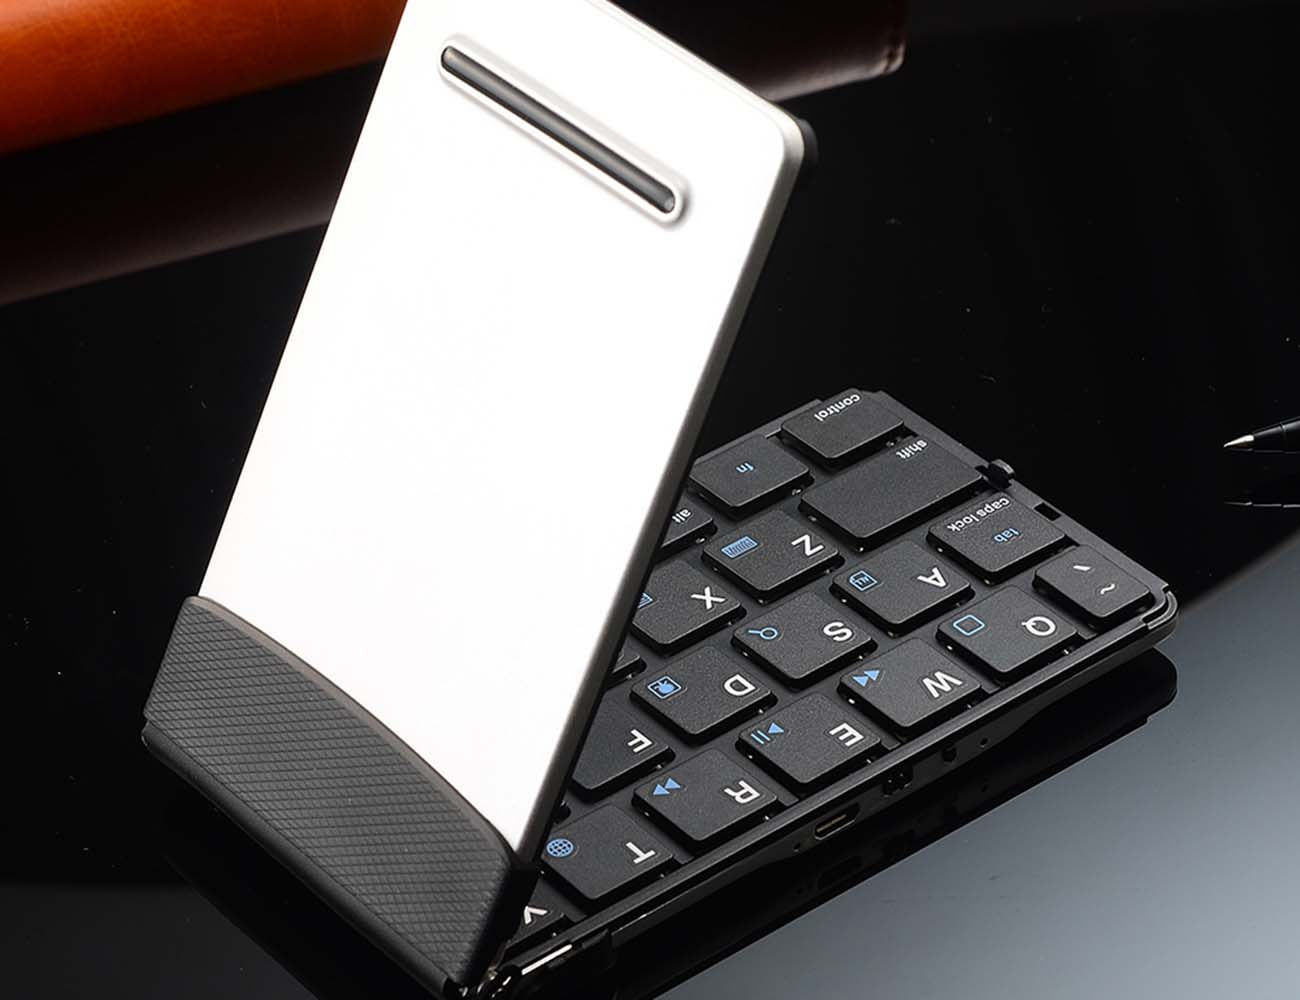 Universal Foldable Bluetooth Keyboard by iLepo